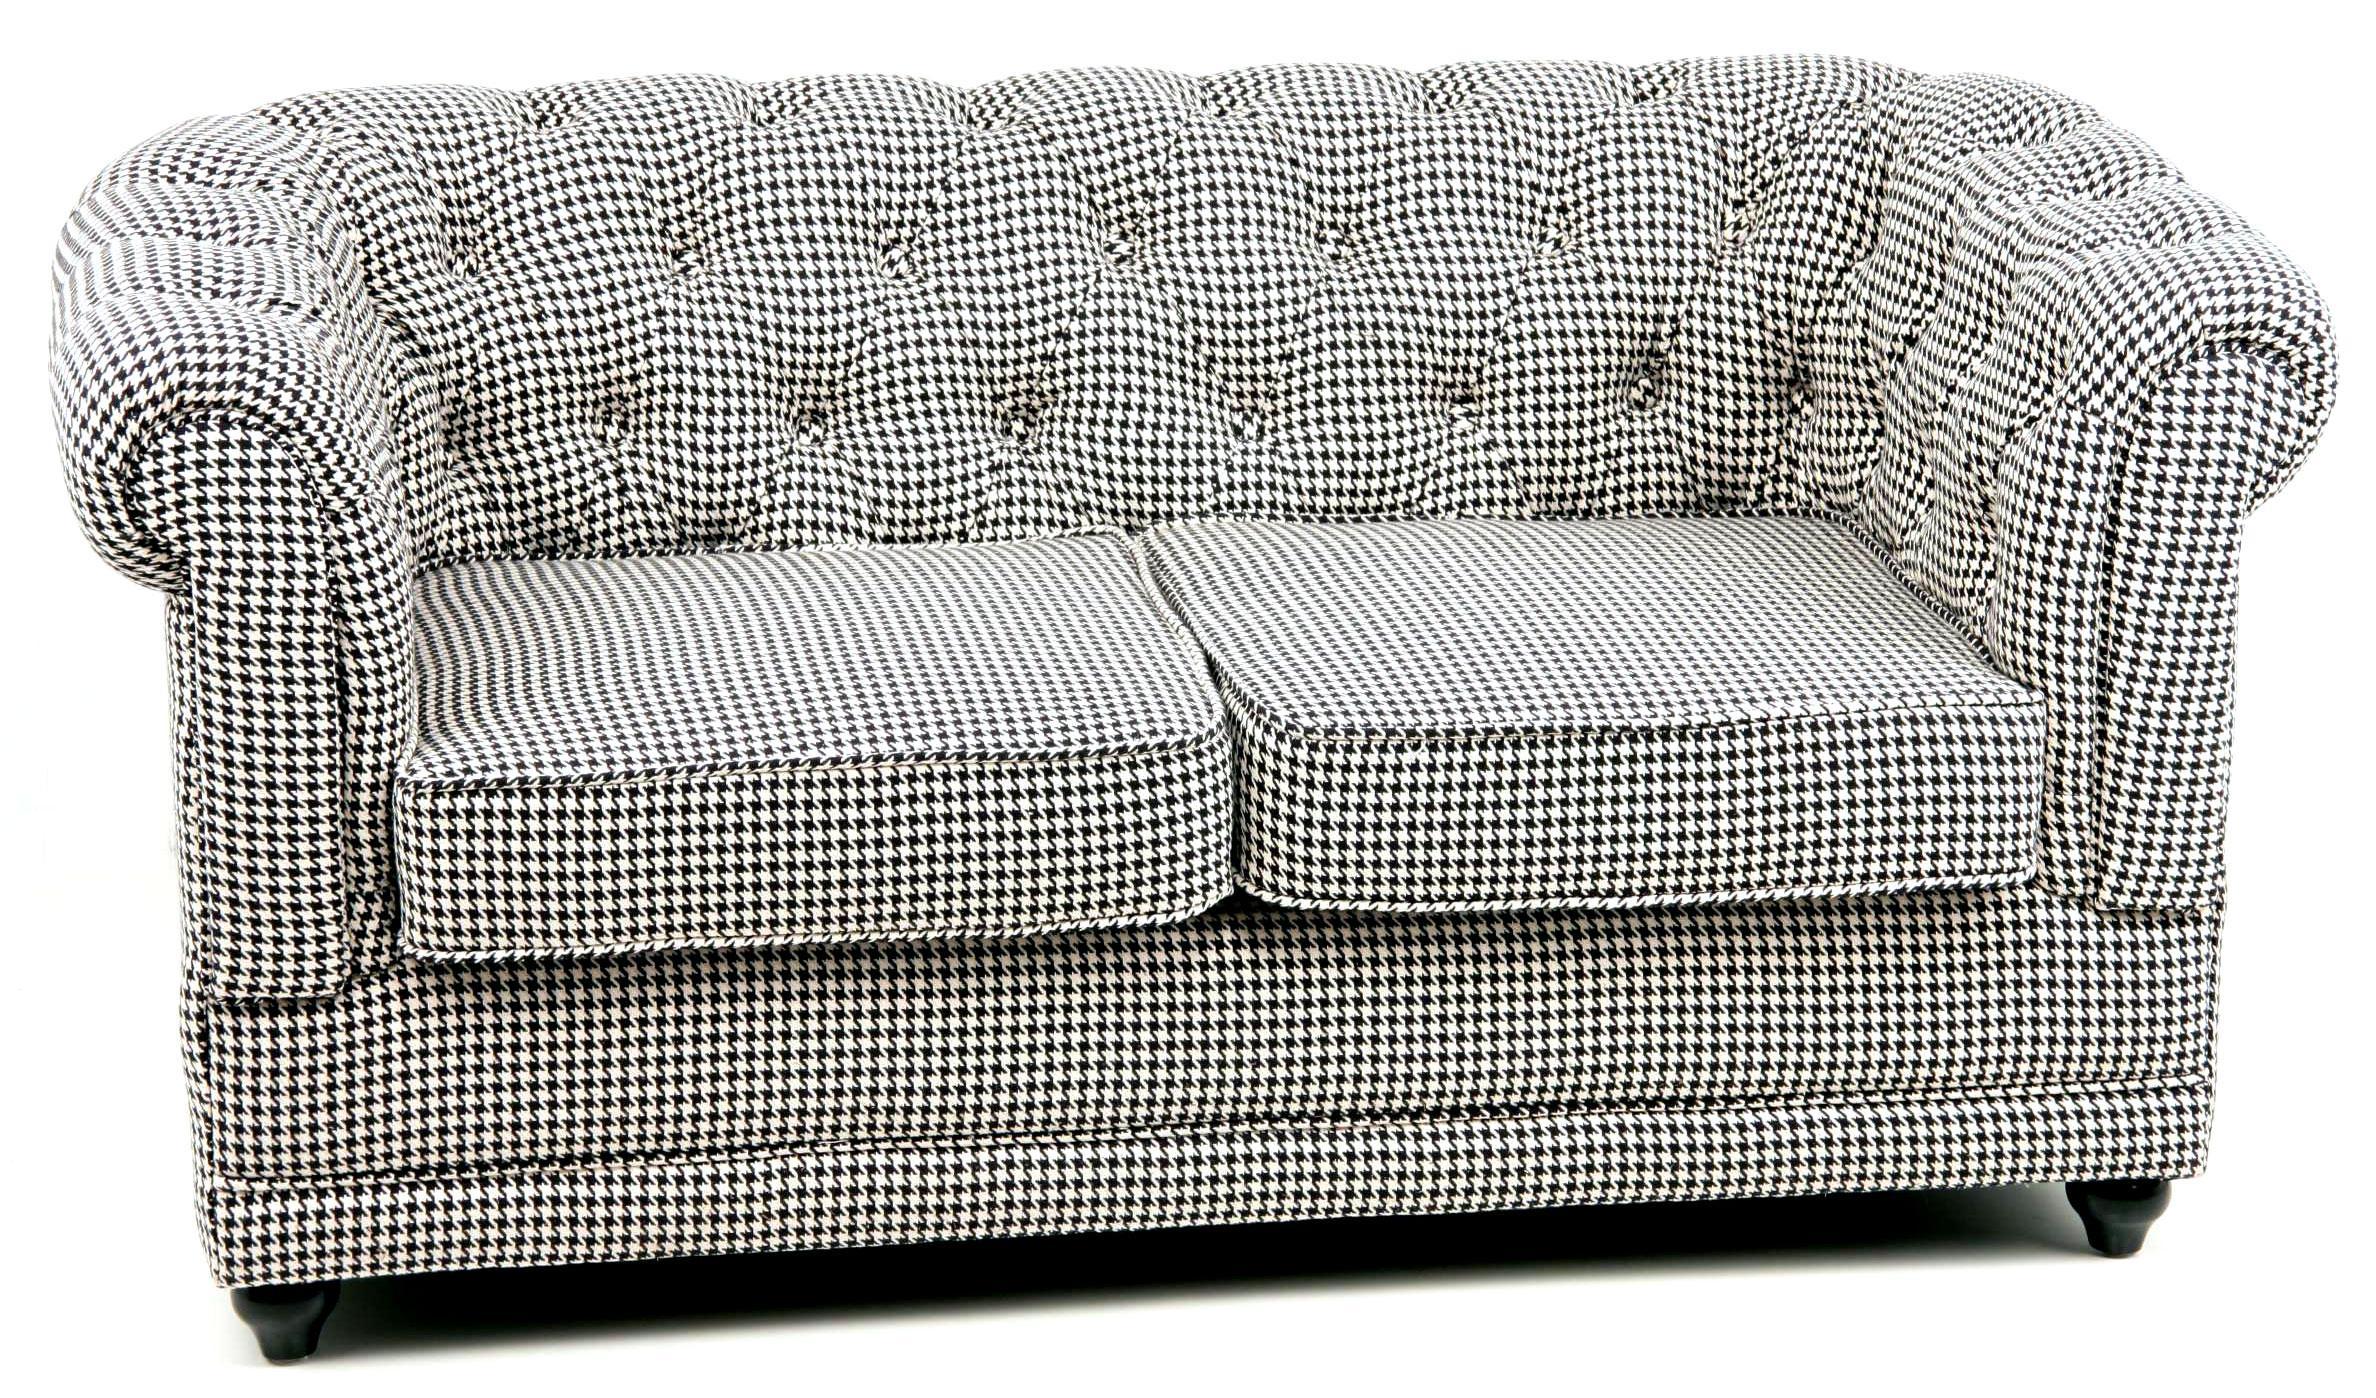 Muebles tapizados con telas de sastrer a - Tela tapiceria sofa ...